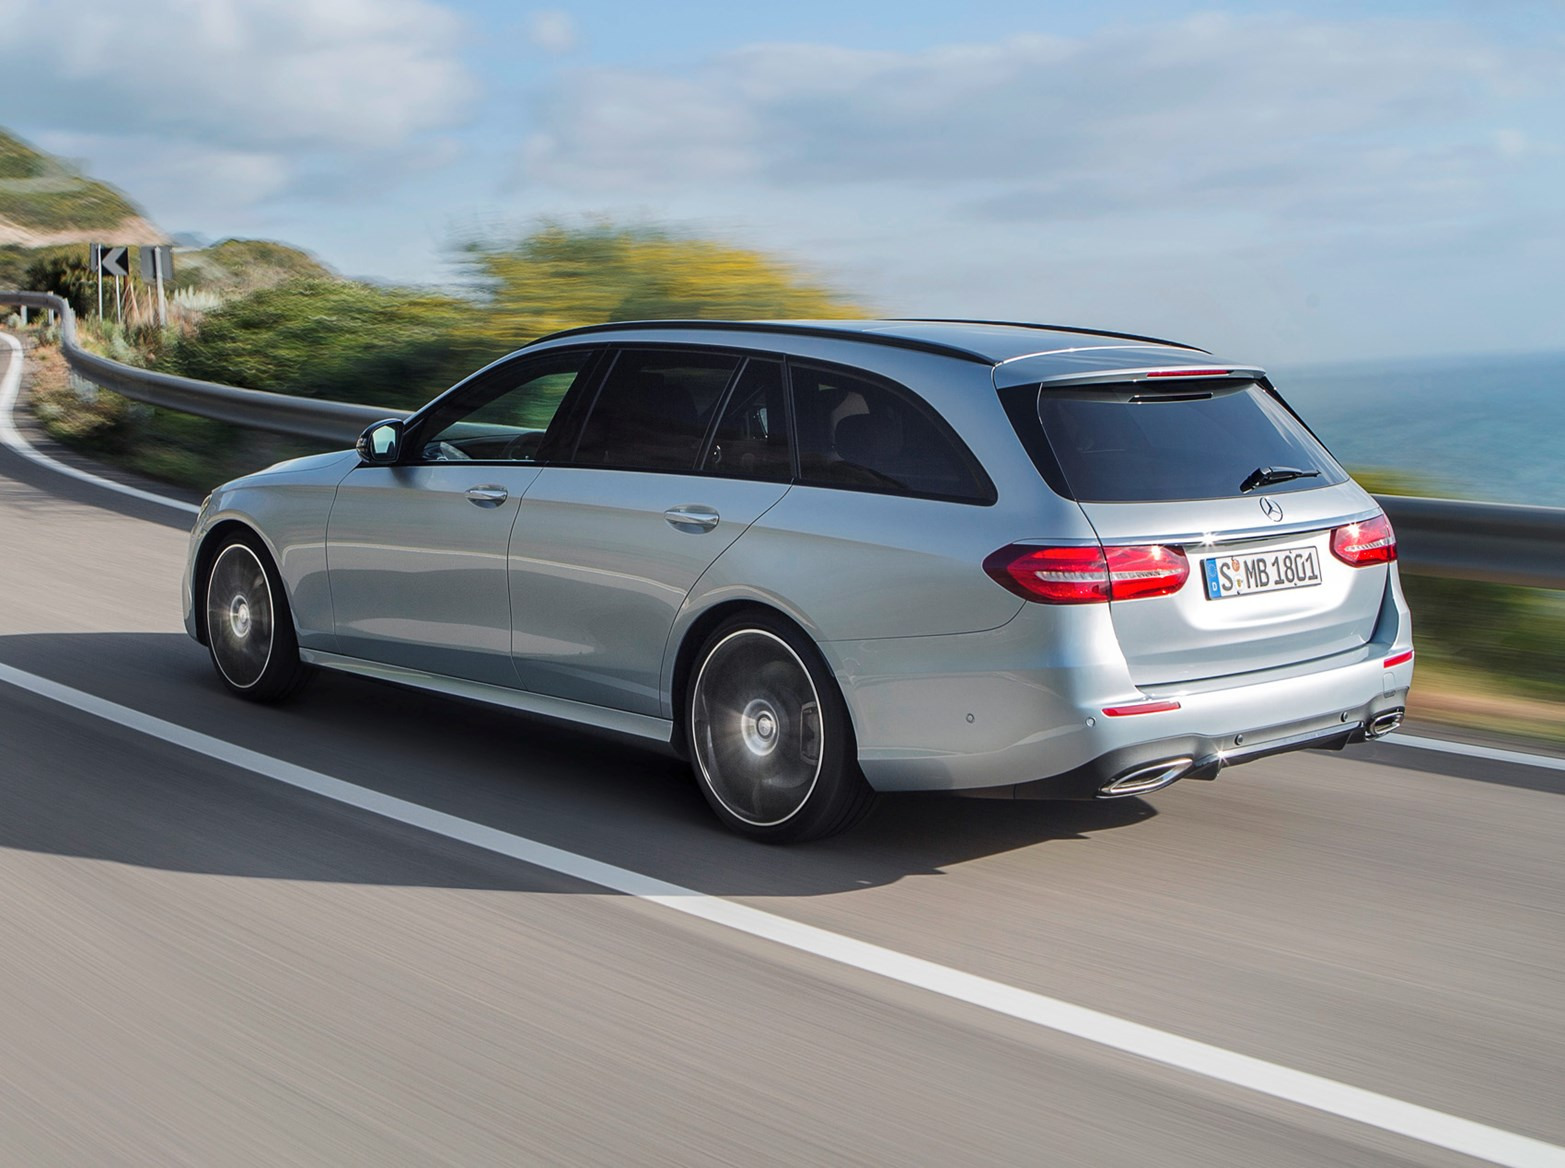 Mercedes benz e class estate review 2016 parkers for Mercedes benz e class review